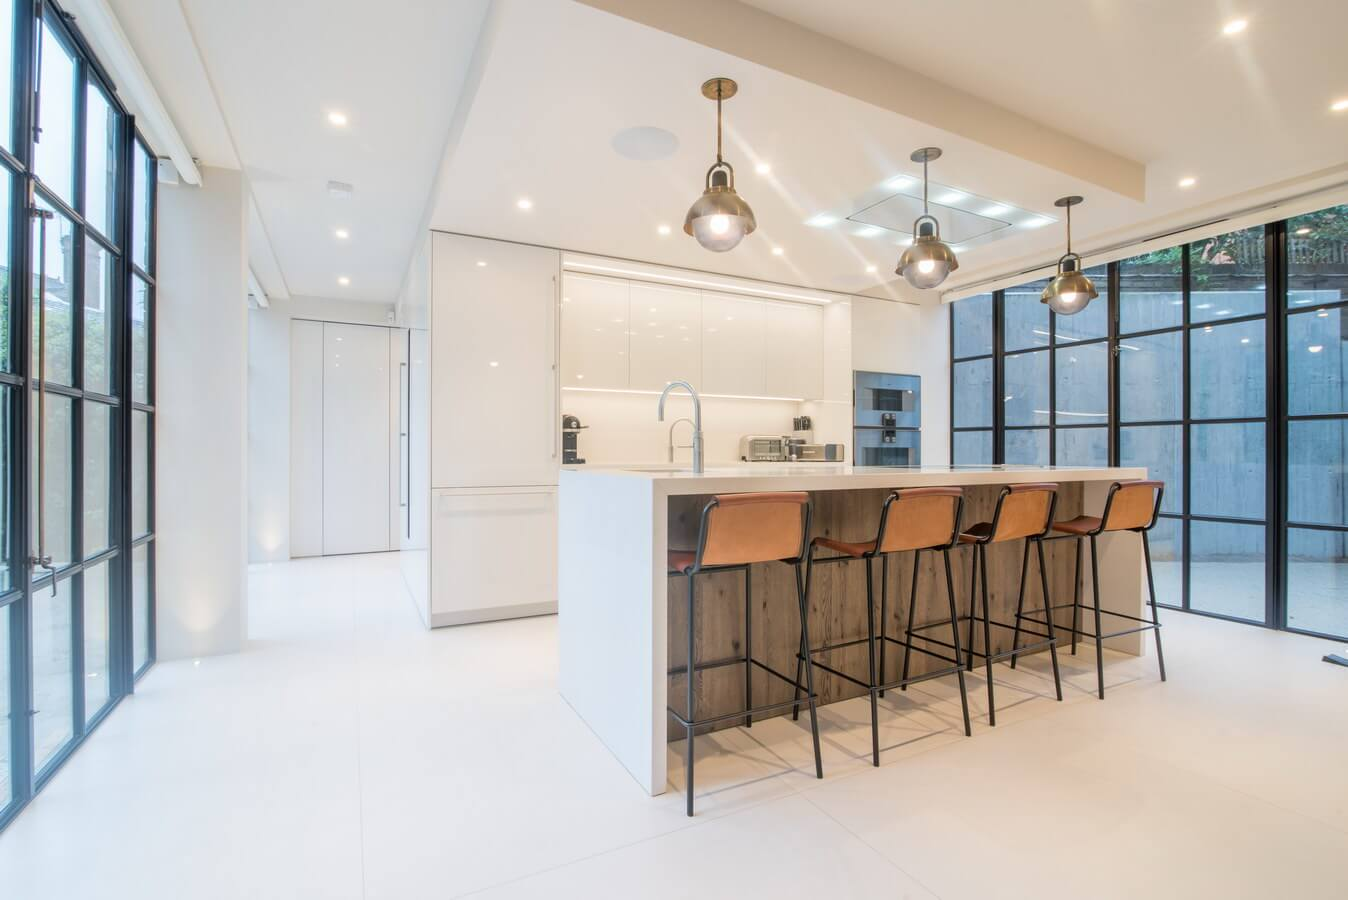 White-Warendorf-Glossy-White-Kitchen.jpg